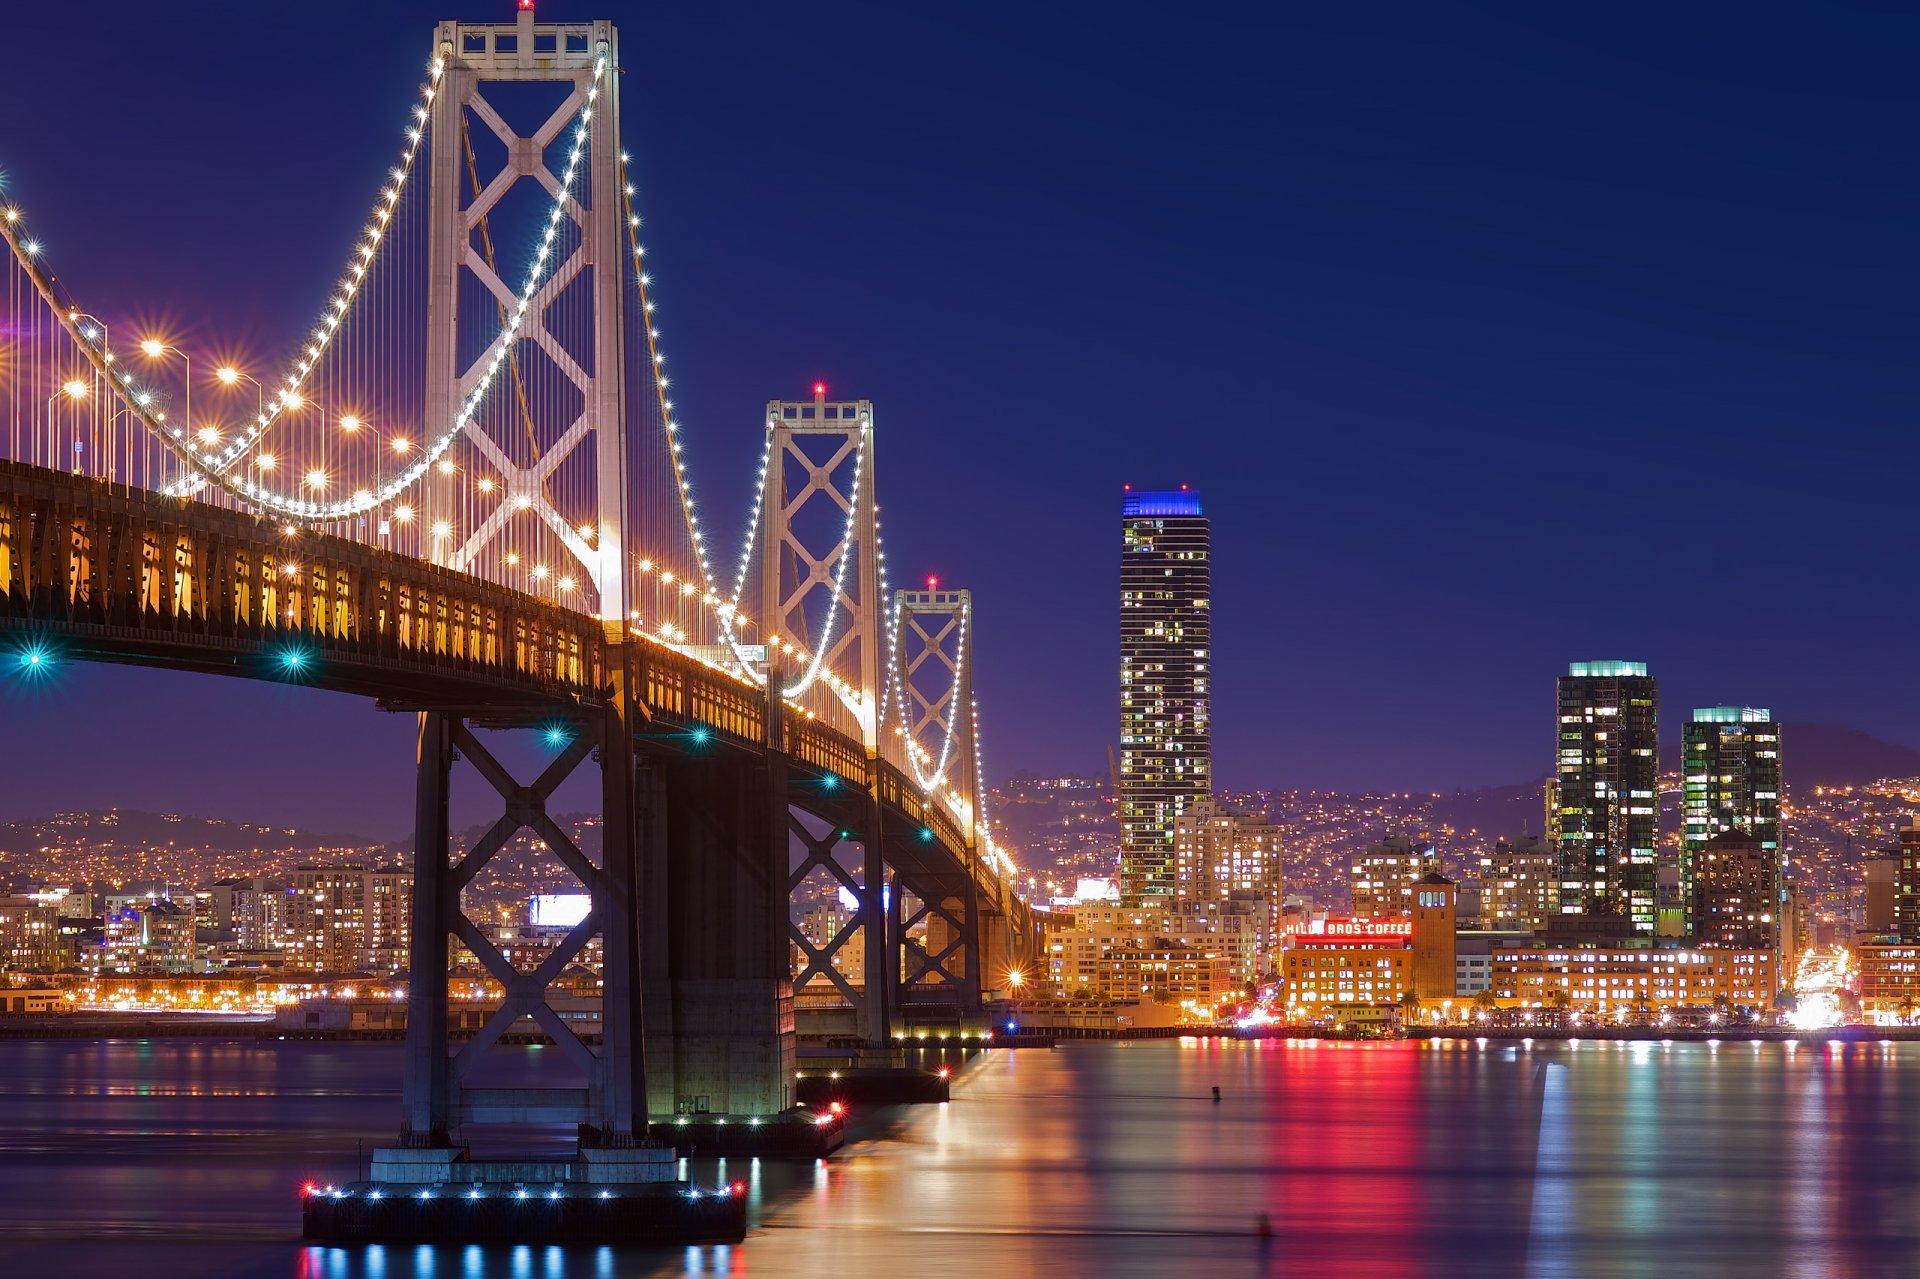 красивая город фото